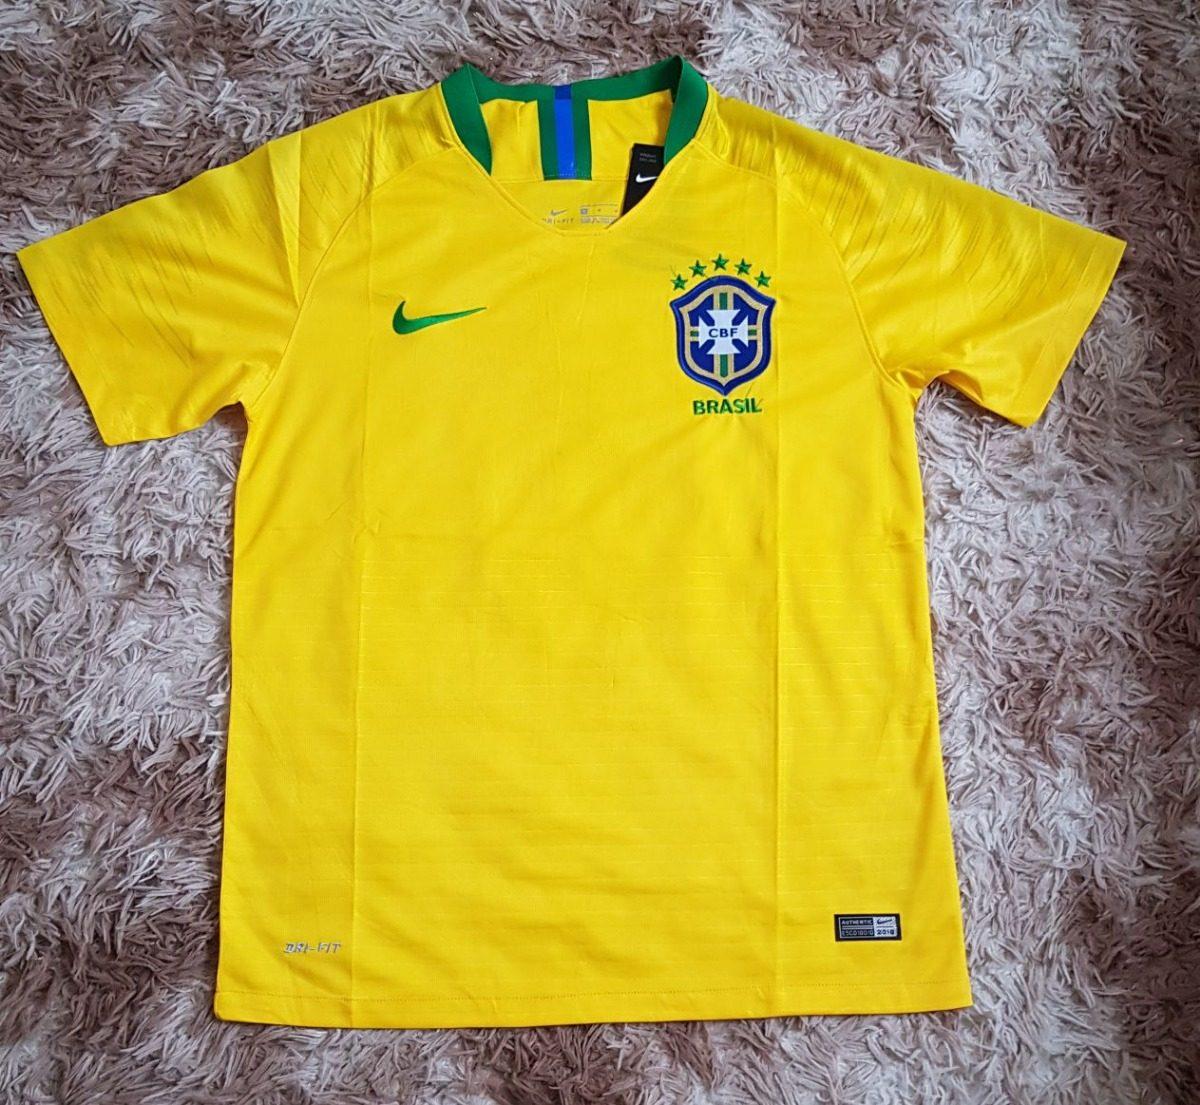 camisa nike seleção brasileira original 2018 80% off. Carregando zoom. 10b065dfa352f